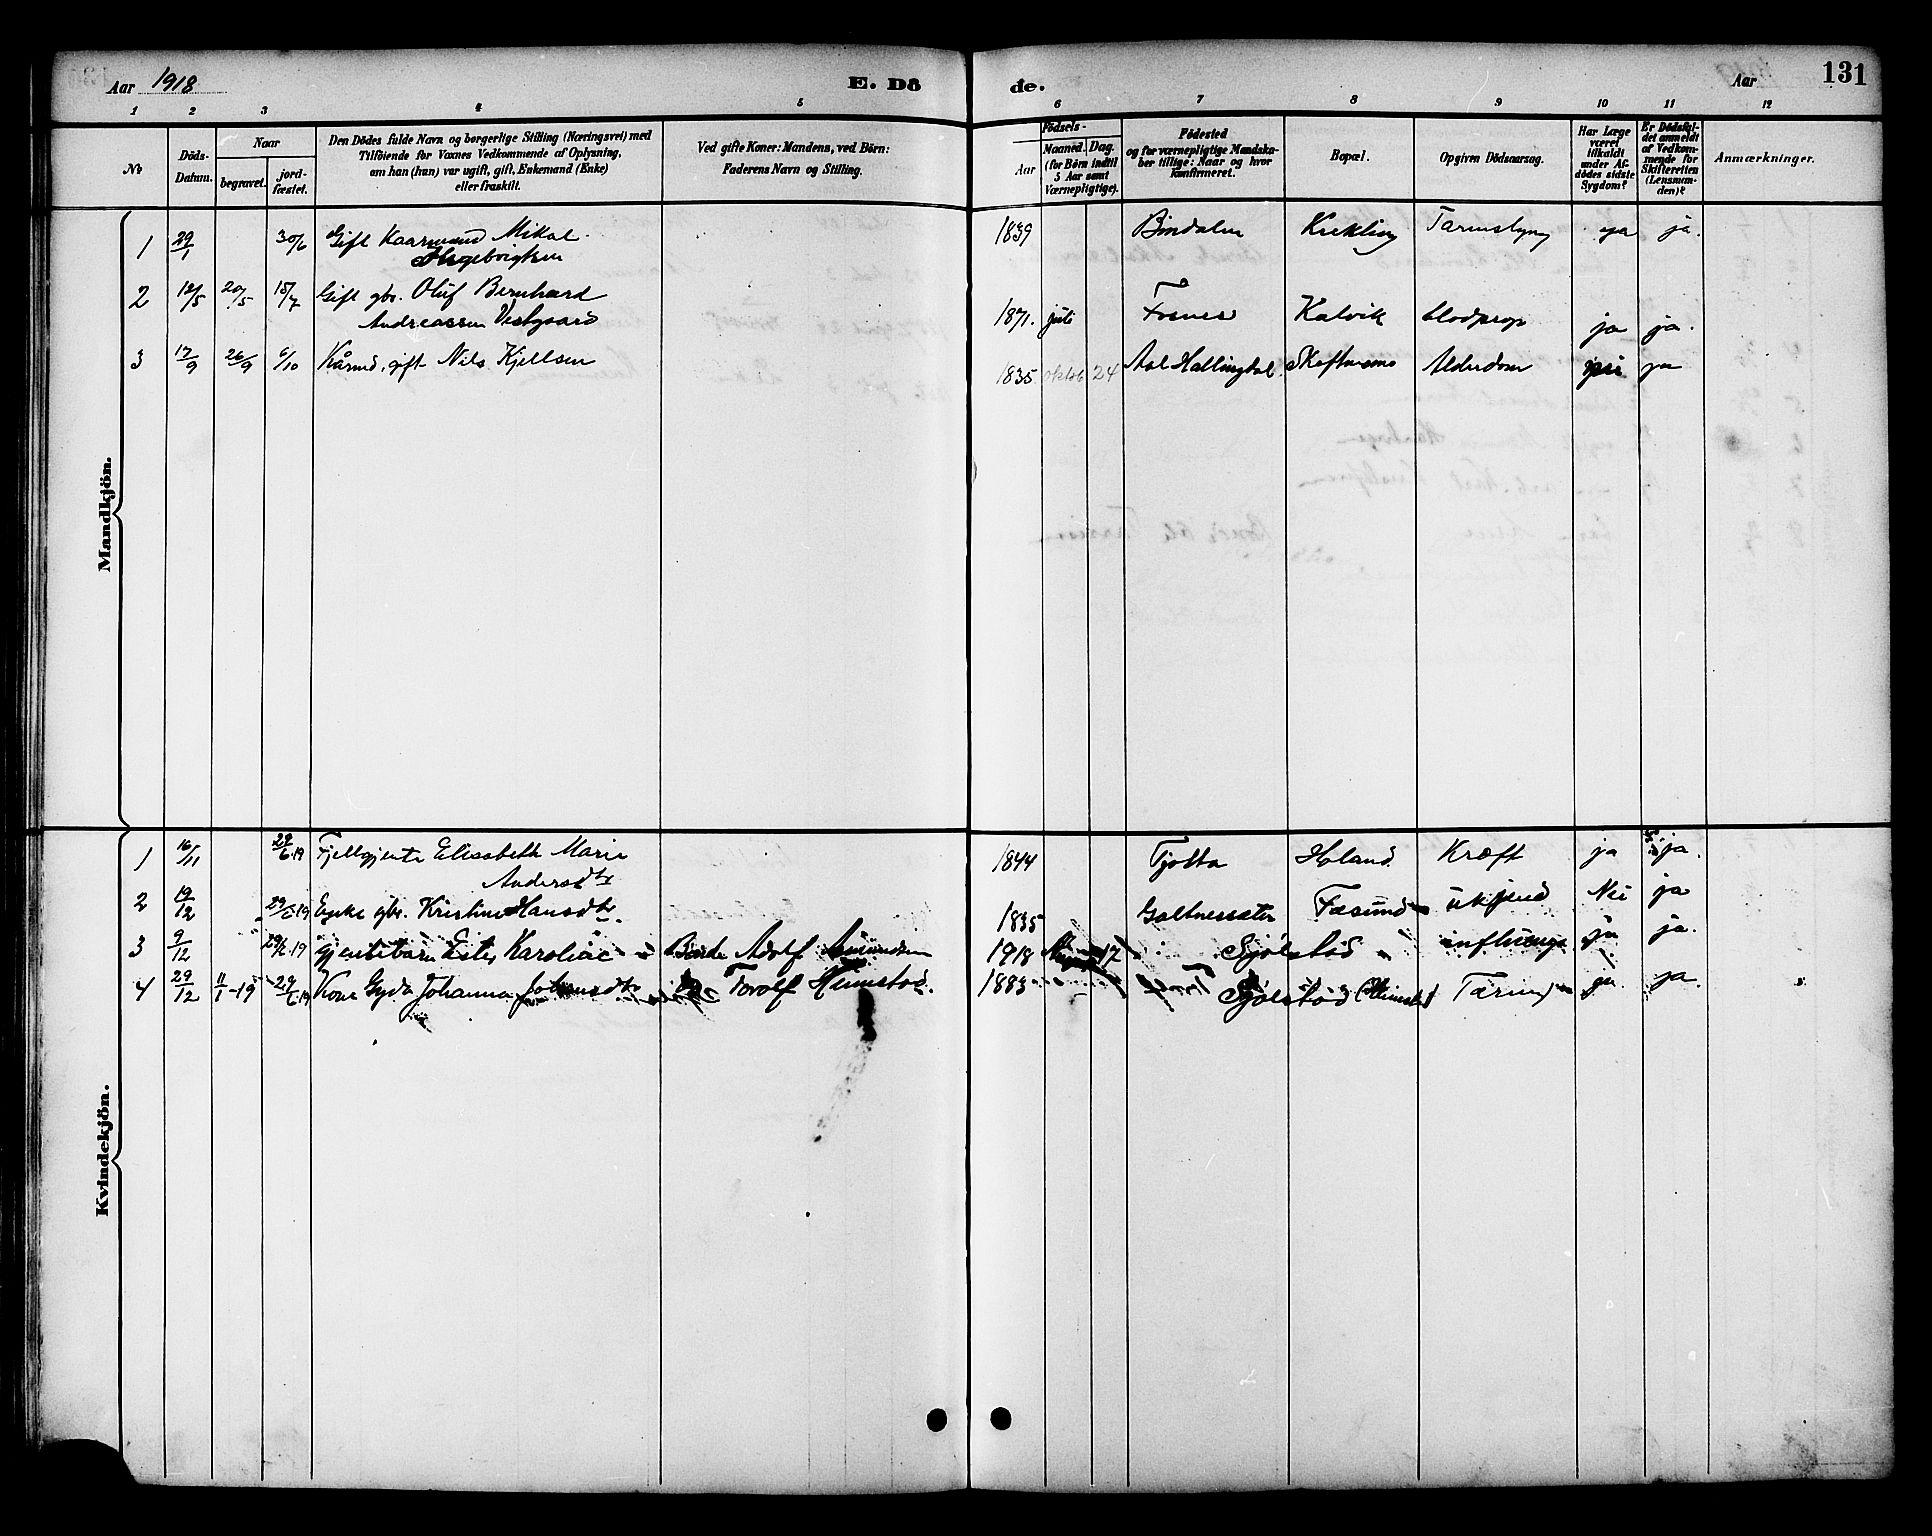 SAT, Ministerialprotokoller, klokkerbøker og fødselsregistre - Nord-Trøndelag, 783/L0662: Klokkerbok nr. 783C02, 1894-1919, s. 131